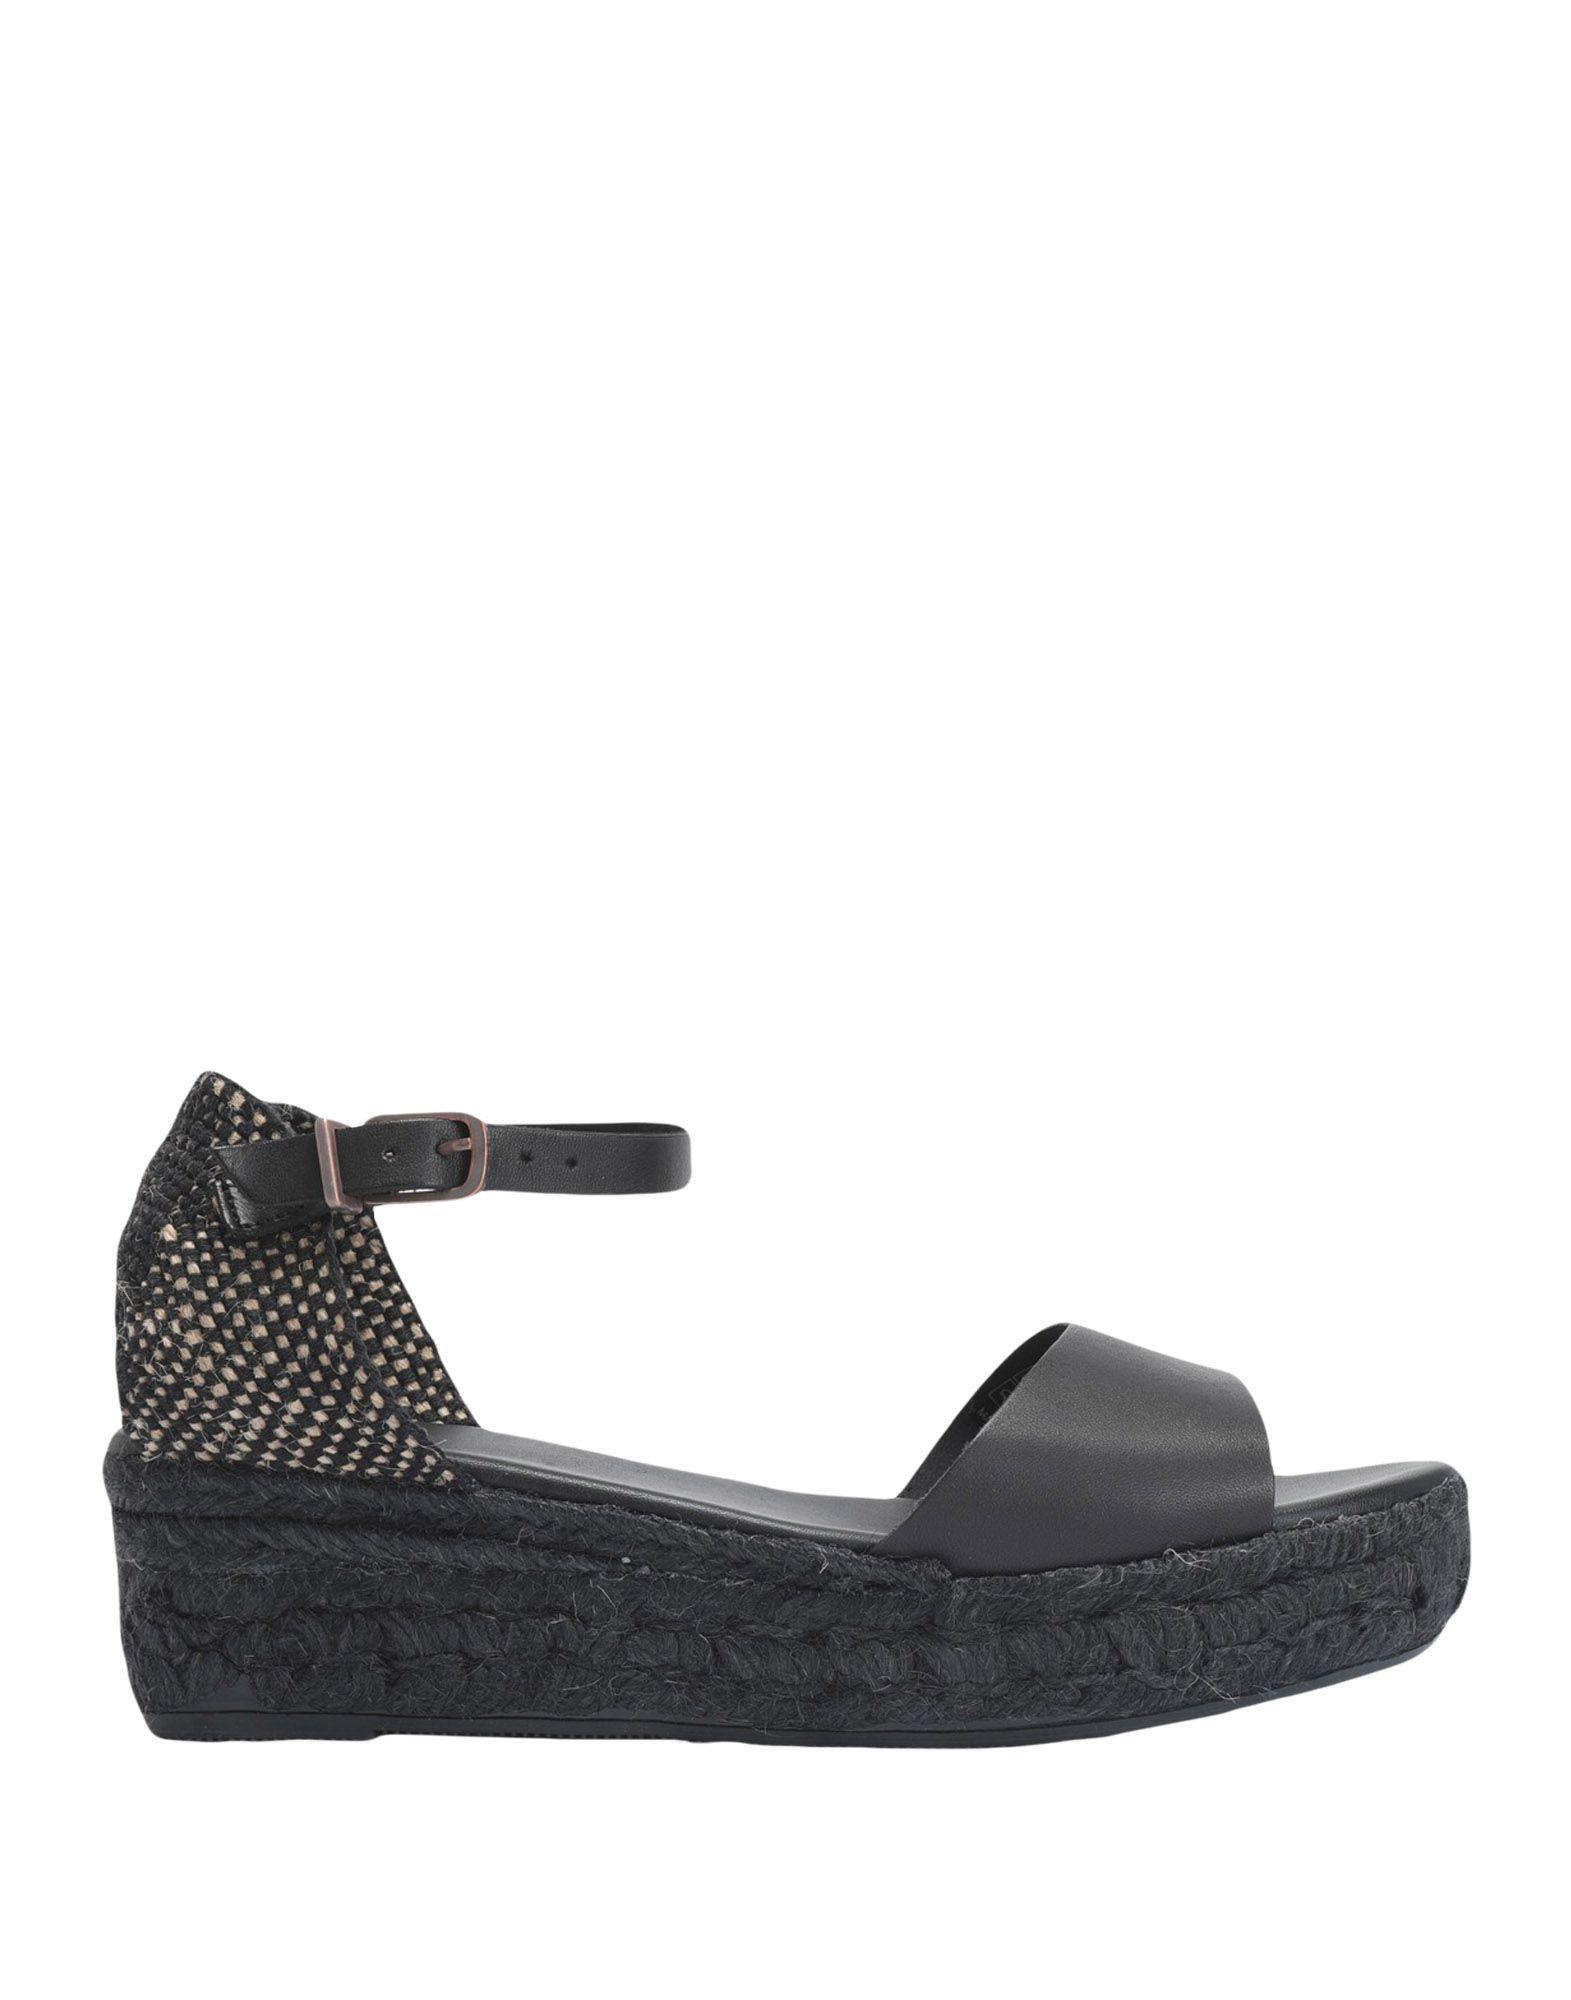 Sneakers Nuove Bagatt Donna - 11518352LF Nuove Sneakers offerte e scarpe comode d45c3f